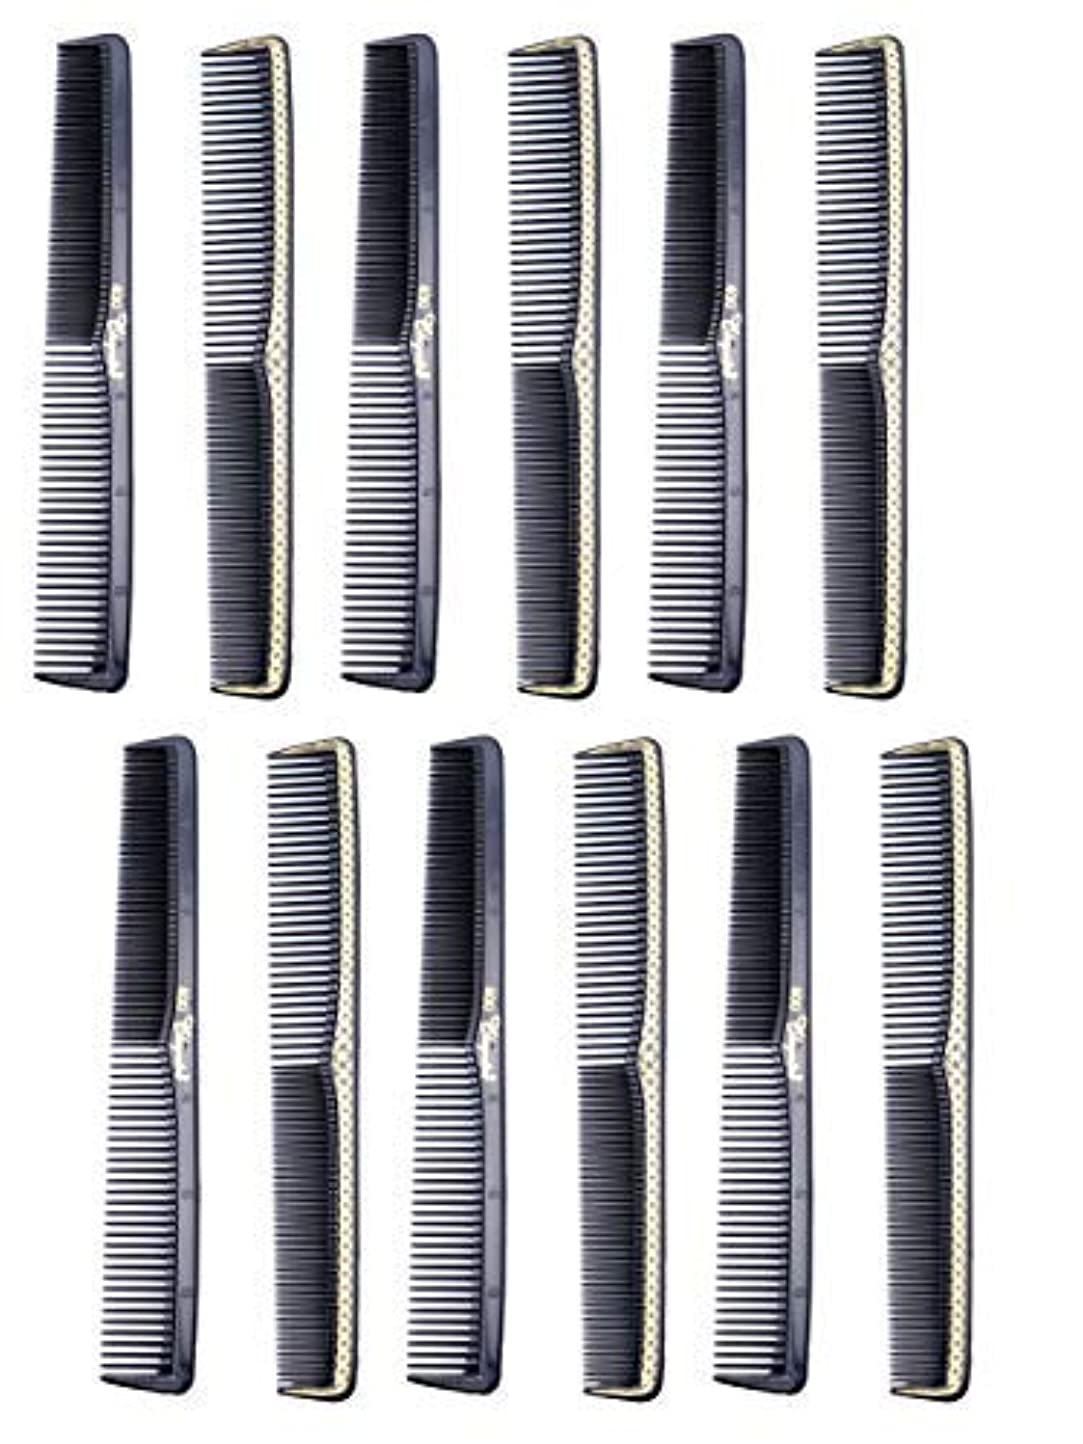 一般的なオークランド手のひら7 inch All Purpose Hair Comb. Hair Cutting Combs. Barber's & Hairstylist Combs. Black With Gold. 12 Units. [並行輸入品]